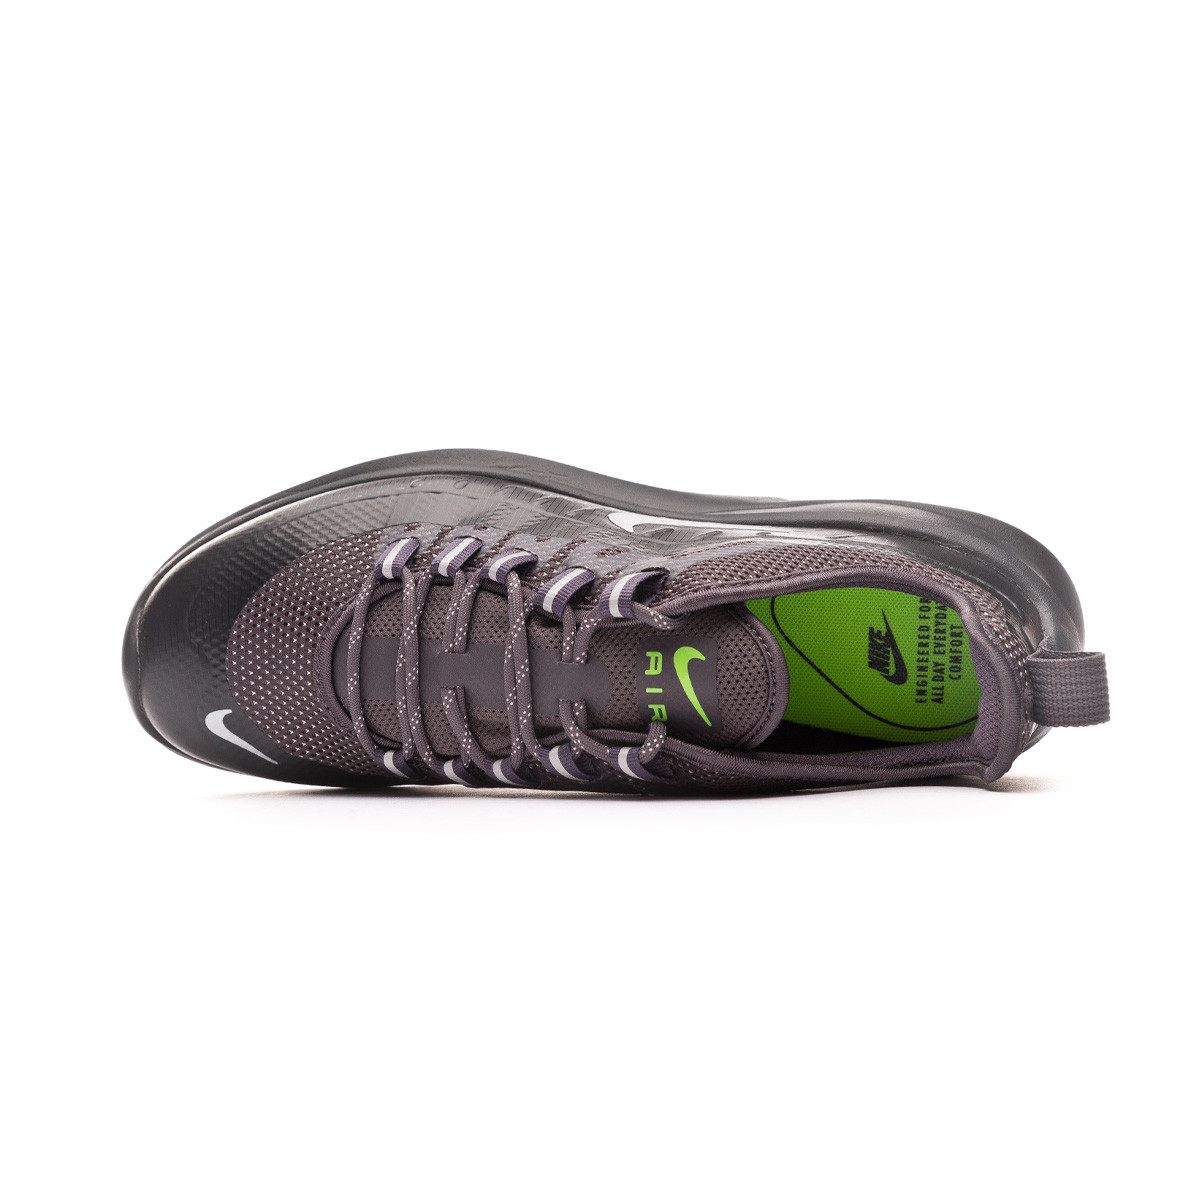 Baskets Nike Air Max Axis Premium